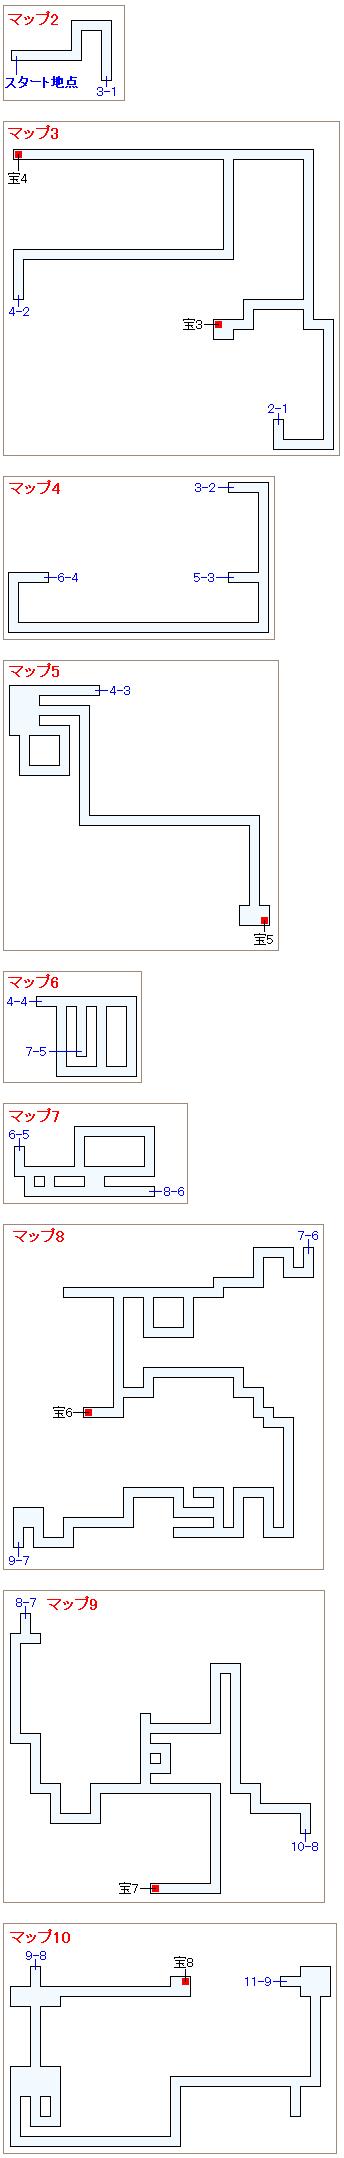 ストーリー攻略マップ・暗黒の洞窟(2)